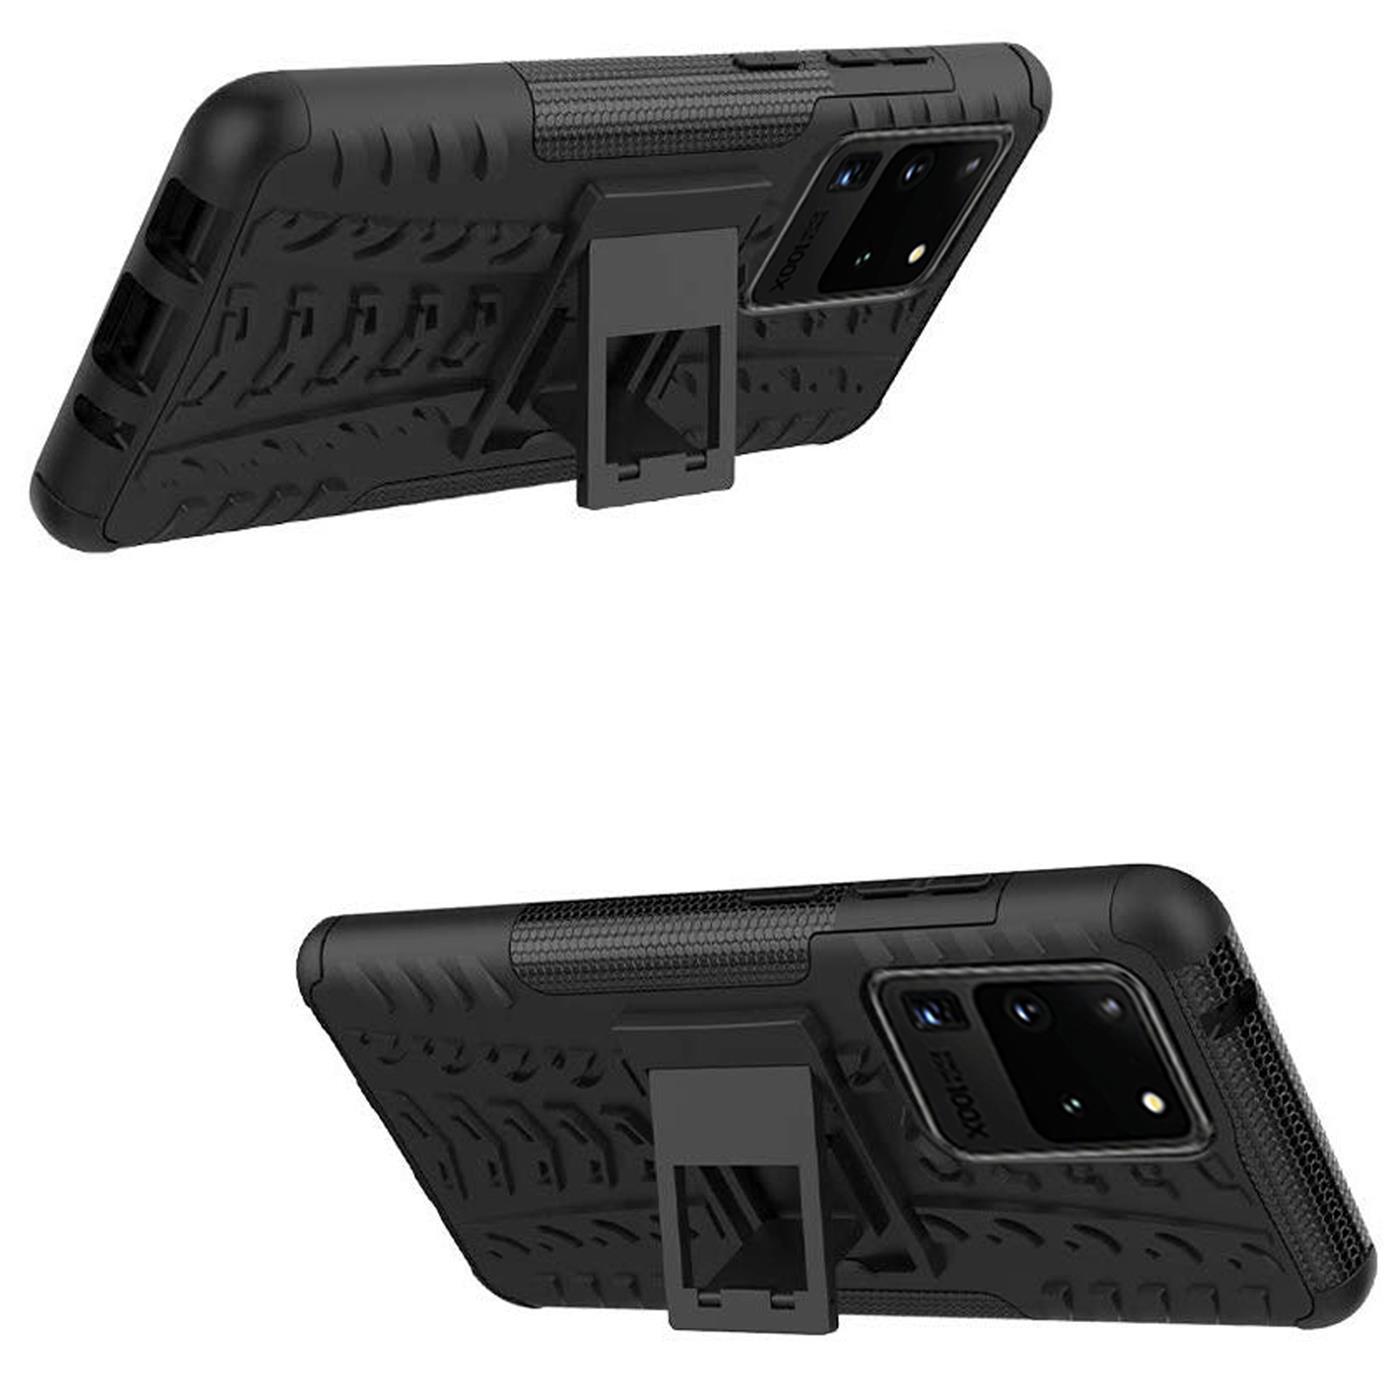 Samsung-Galaxy-S20-Serie-Schutzhuelle-Rugged-Handy-Tasche-Robust-Outdoor-Cover Indexbild 24